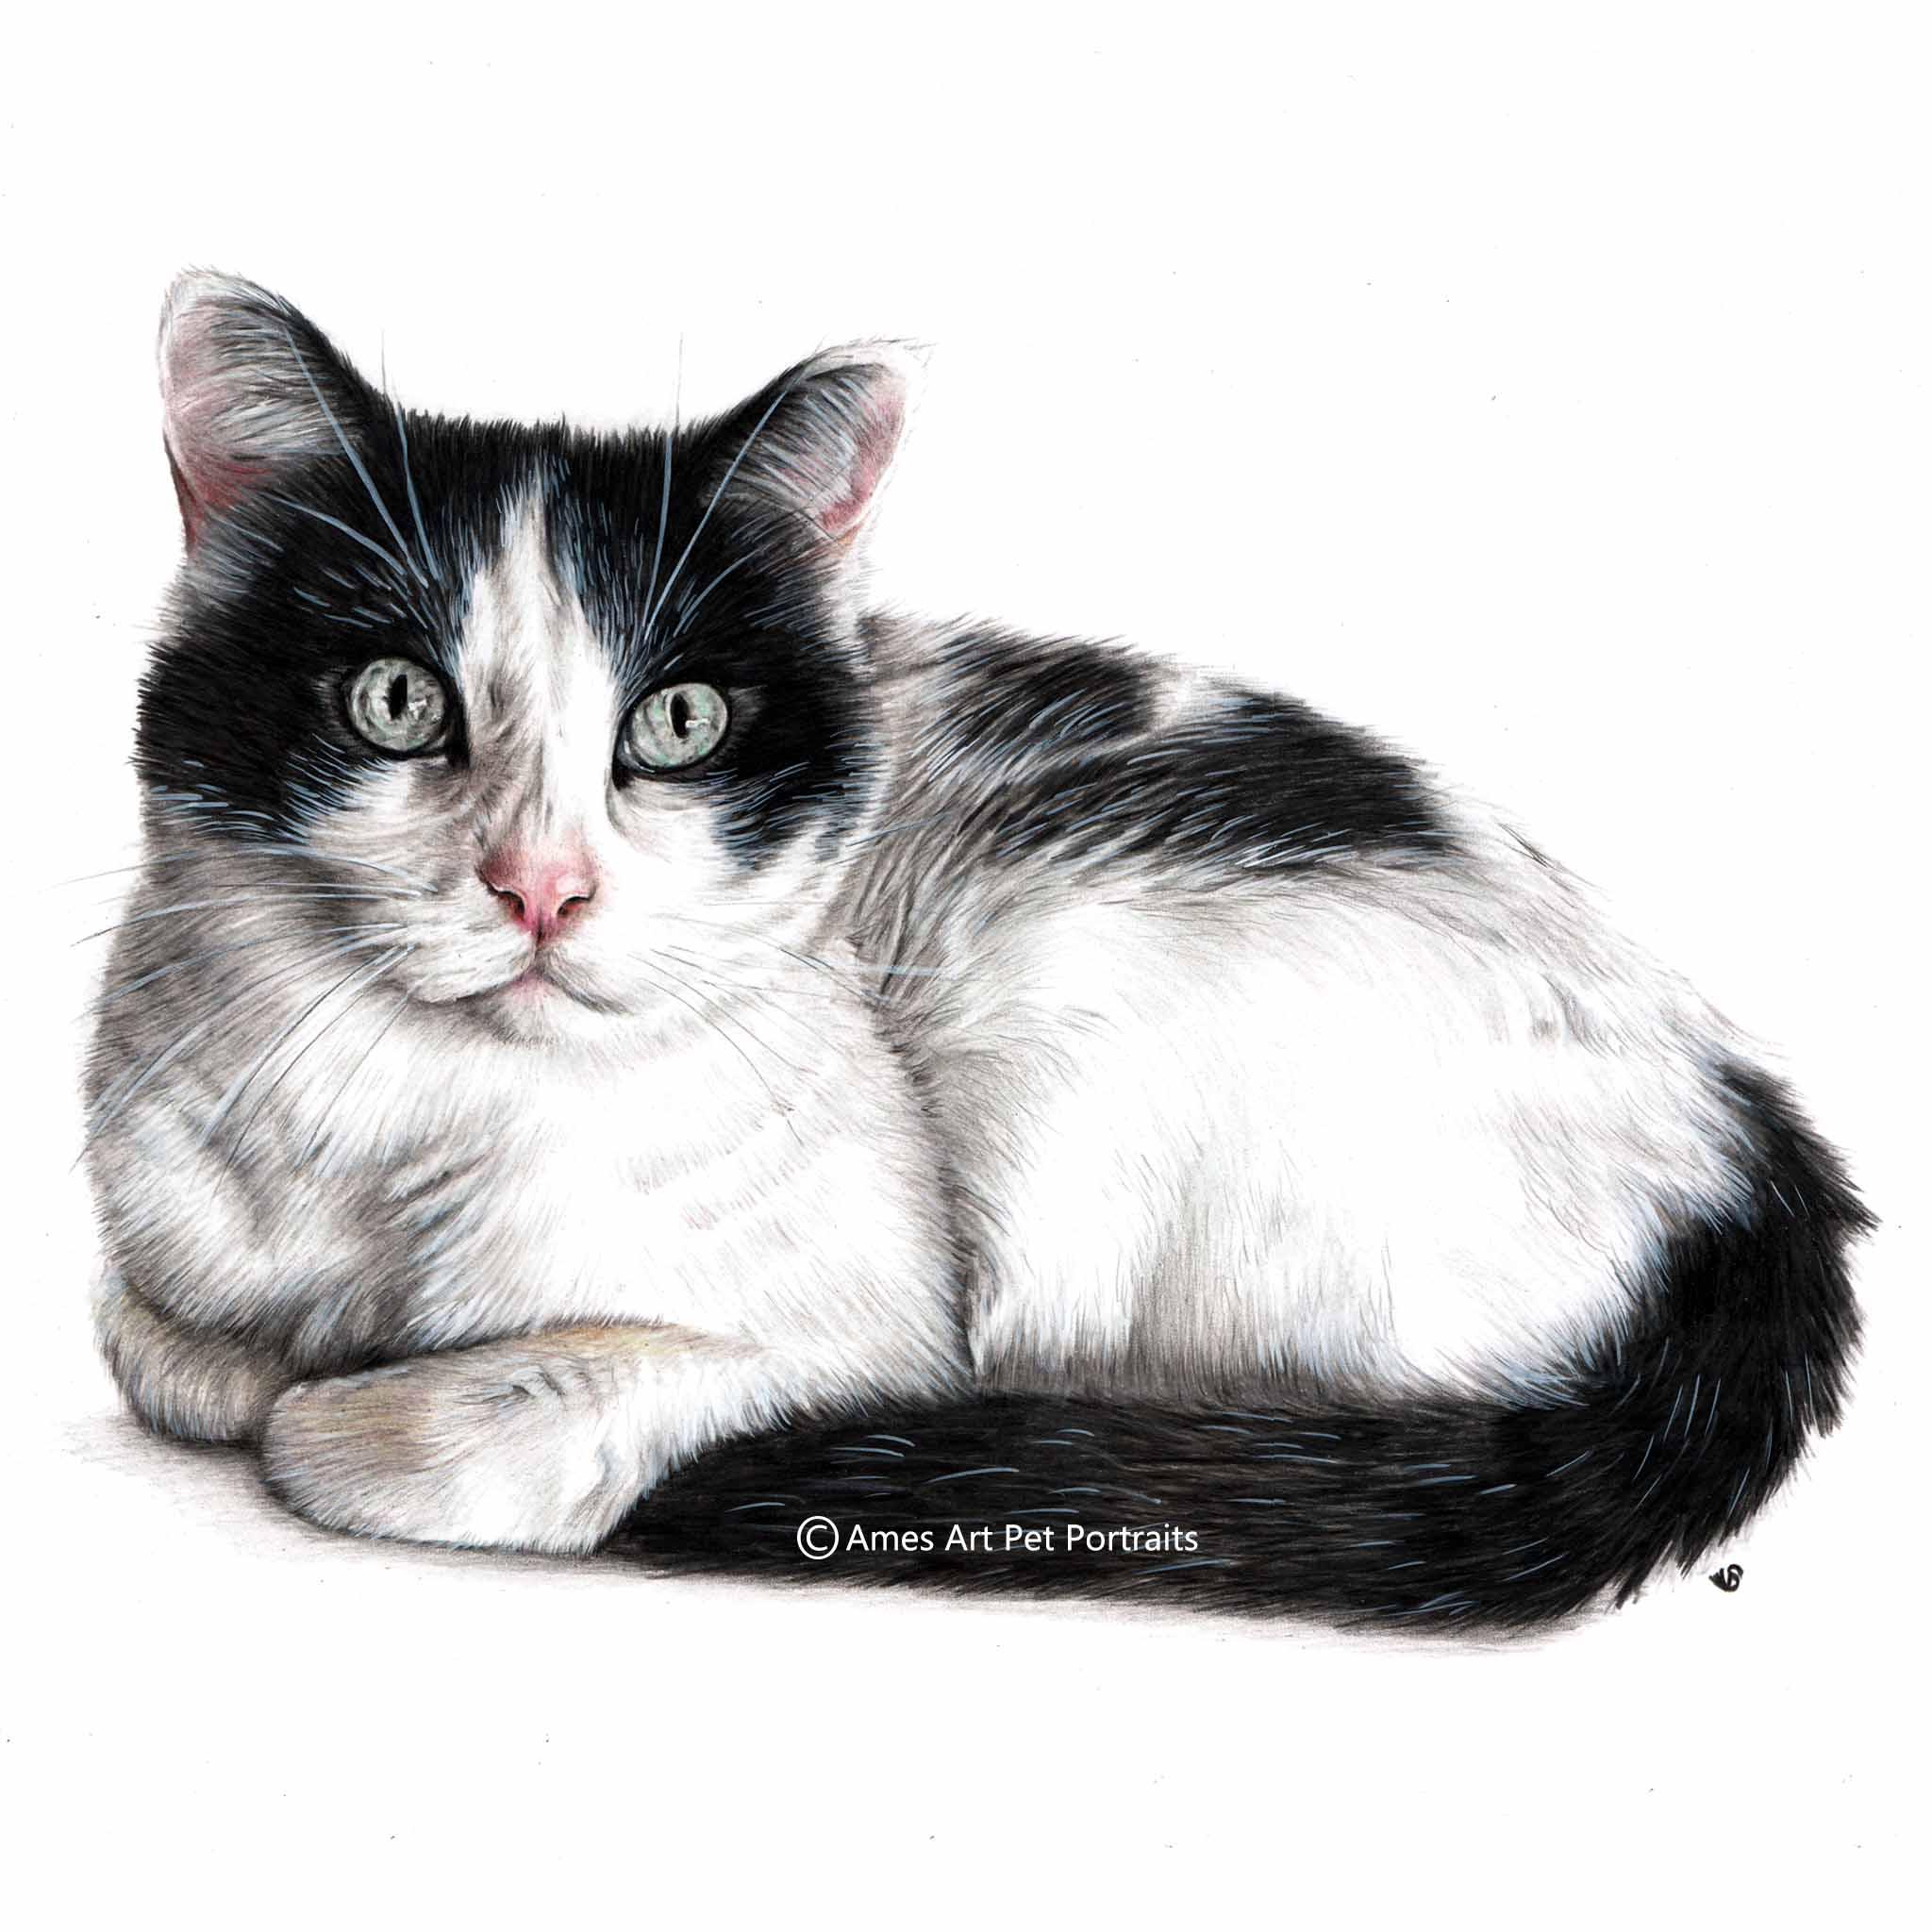 'Oreo' - USA, 11.7 x 16.5 inches, 2017, Color Pencil Cat Portrait